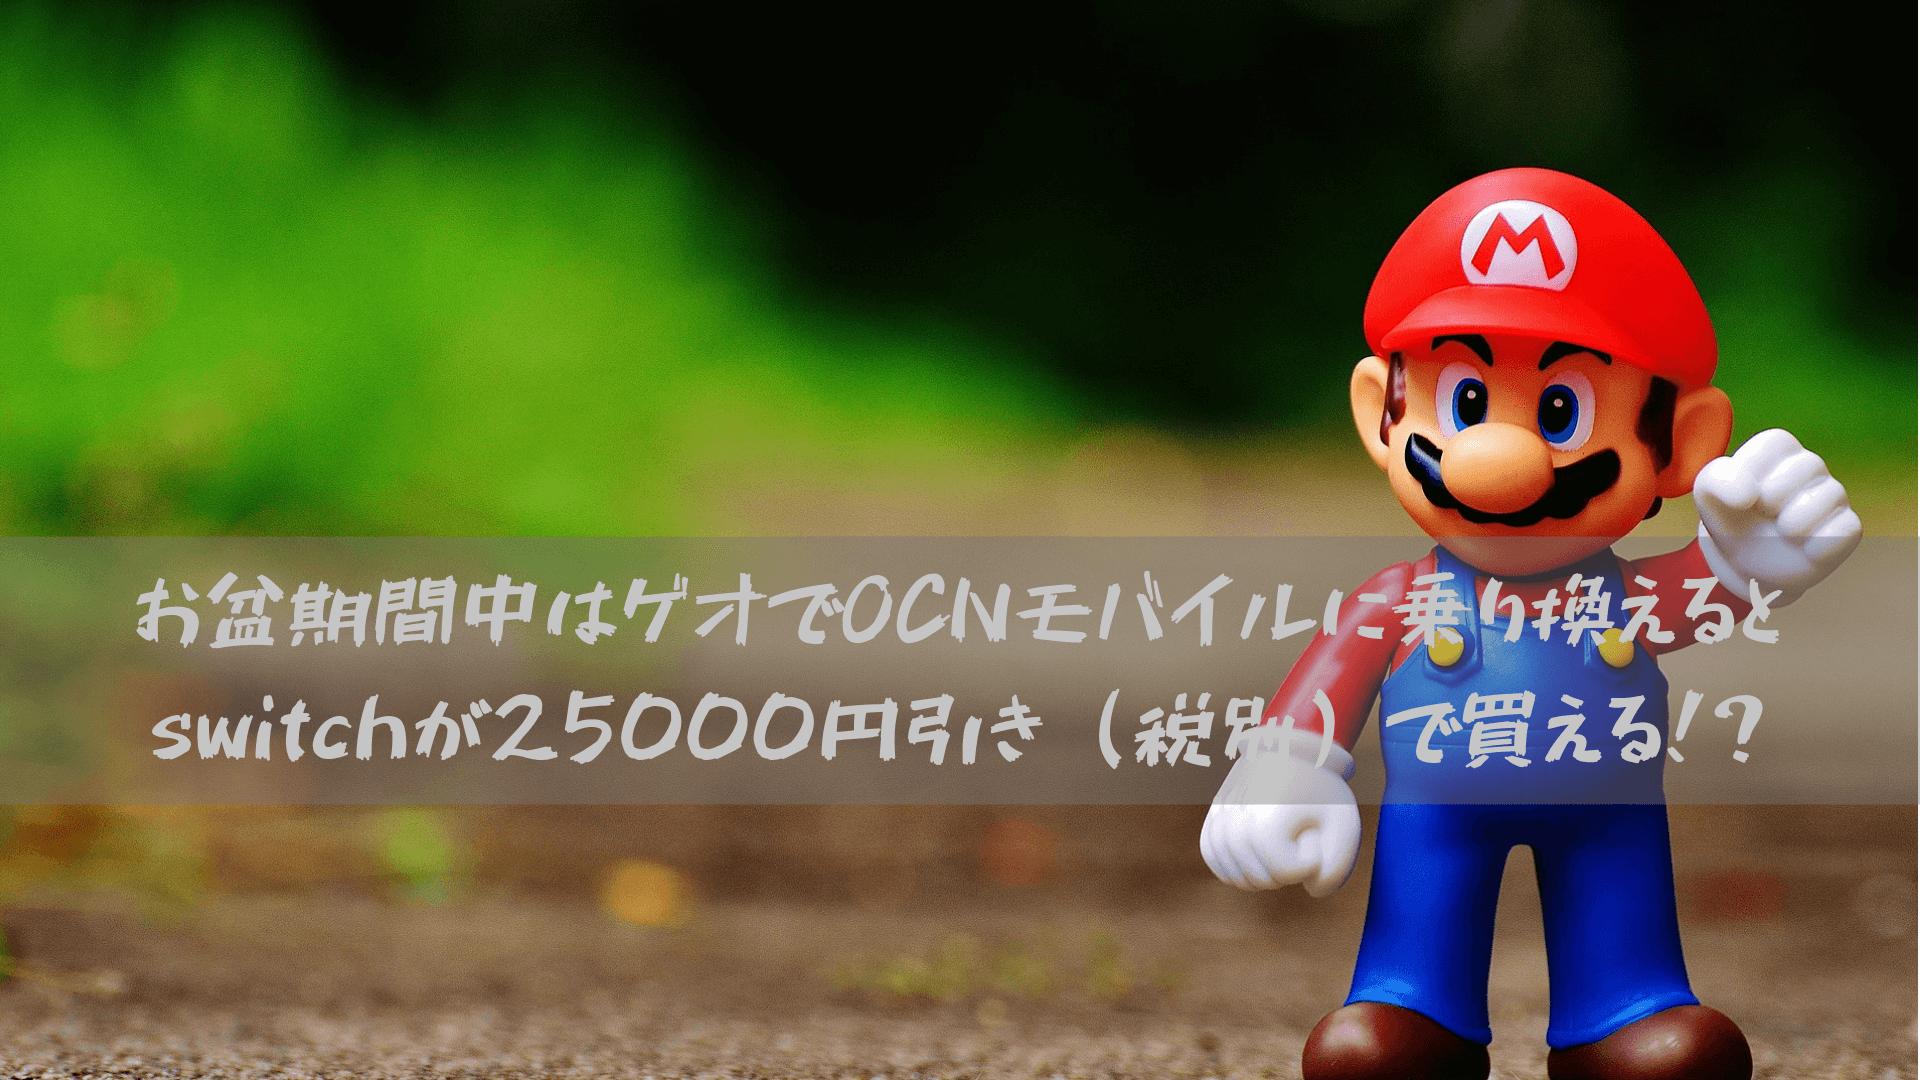 お盆期間中はゲオでOCNモバイルに乗り換えるとswitchが25000円引き(税別)で買える!?